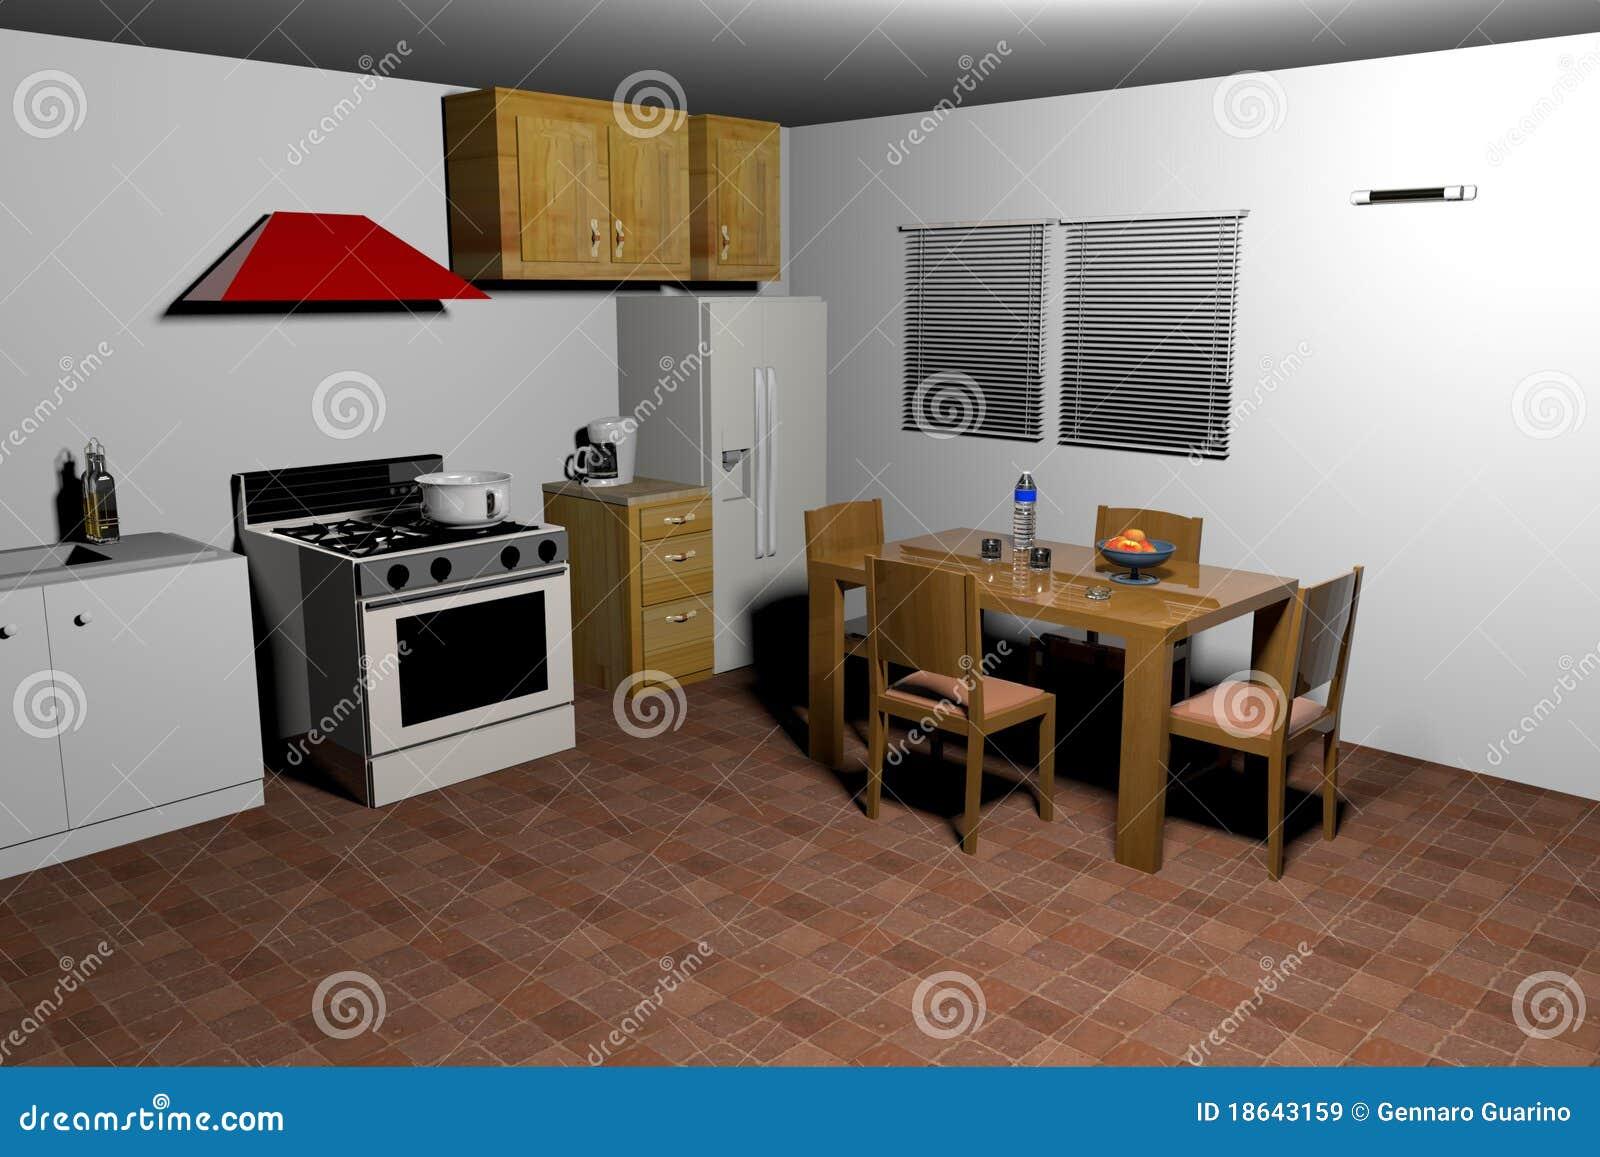 Het oude stijl keuken 3d teruggeven royalty vrije stock afbeeldingen beeld 18643159 - Oude stijl keuken wastafel ...